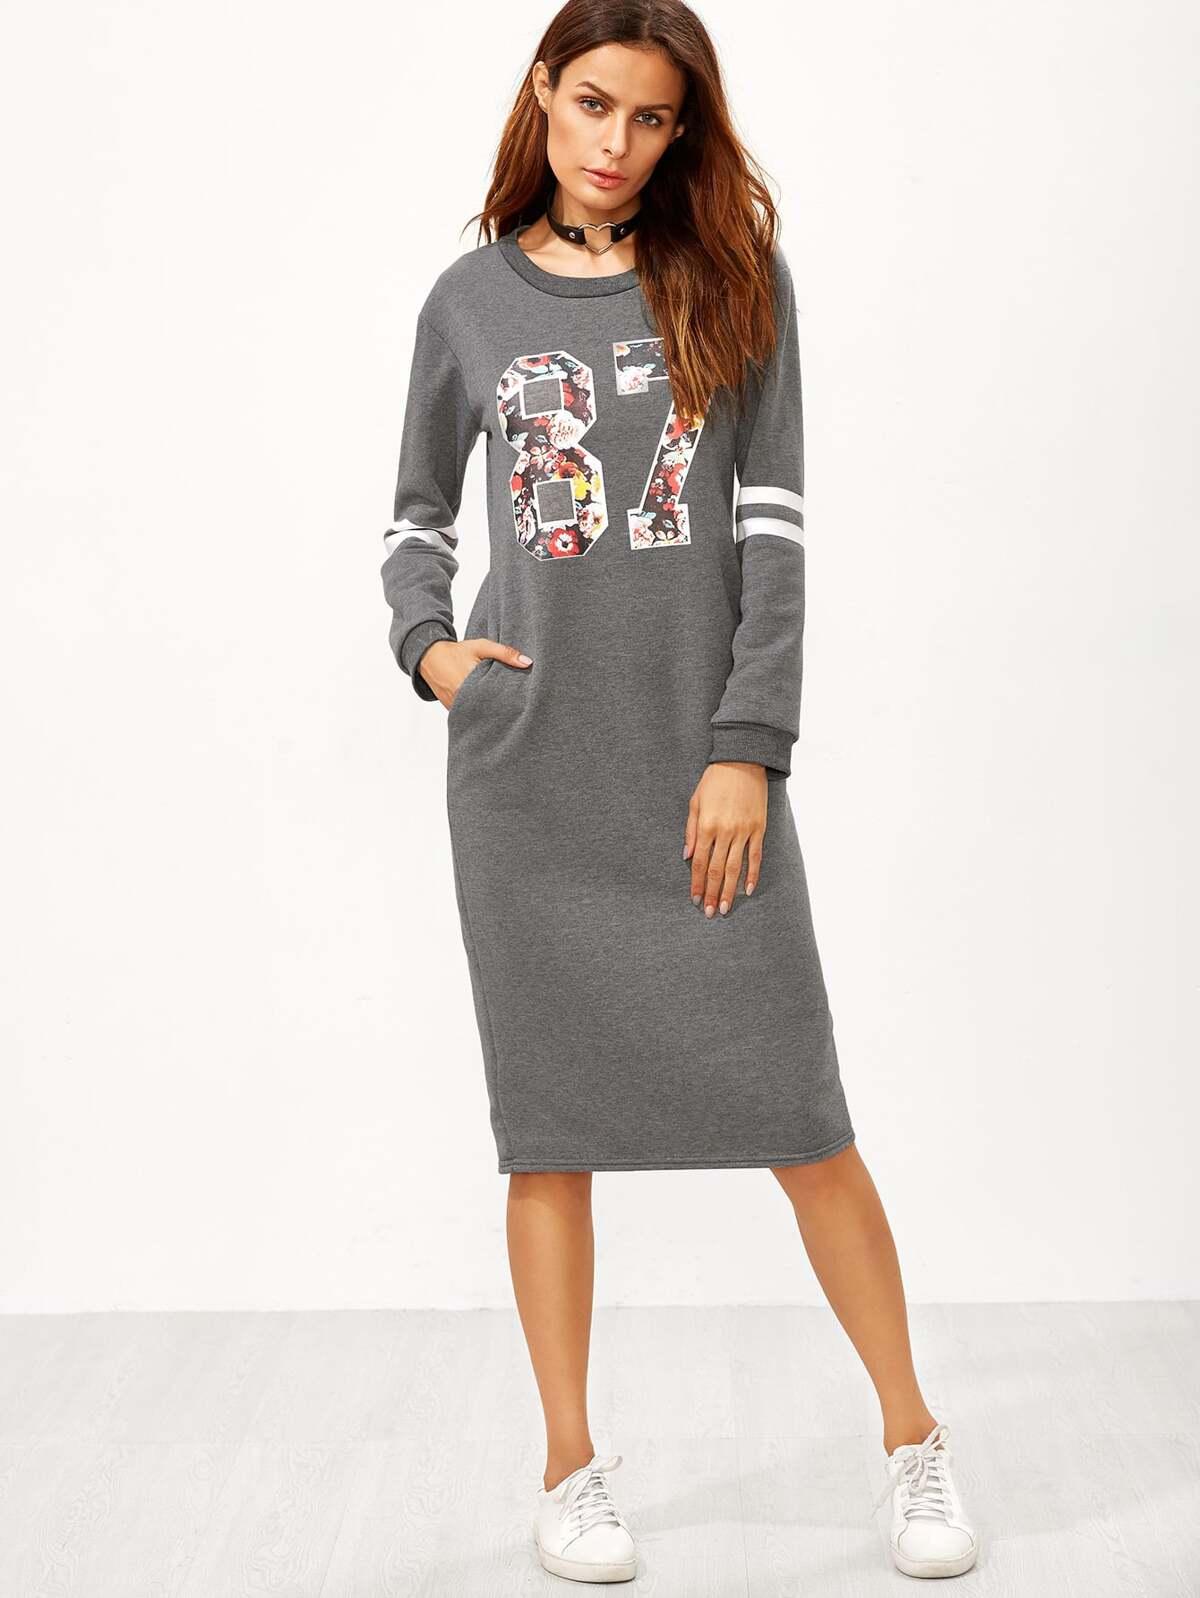 灰色 大學代表隊 圖片 開叉 背 拉鏈 T恤衫 洋裝